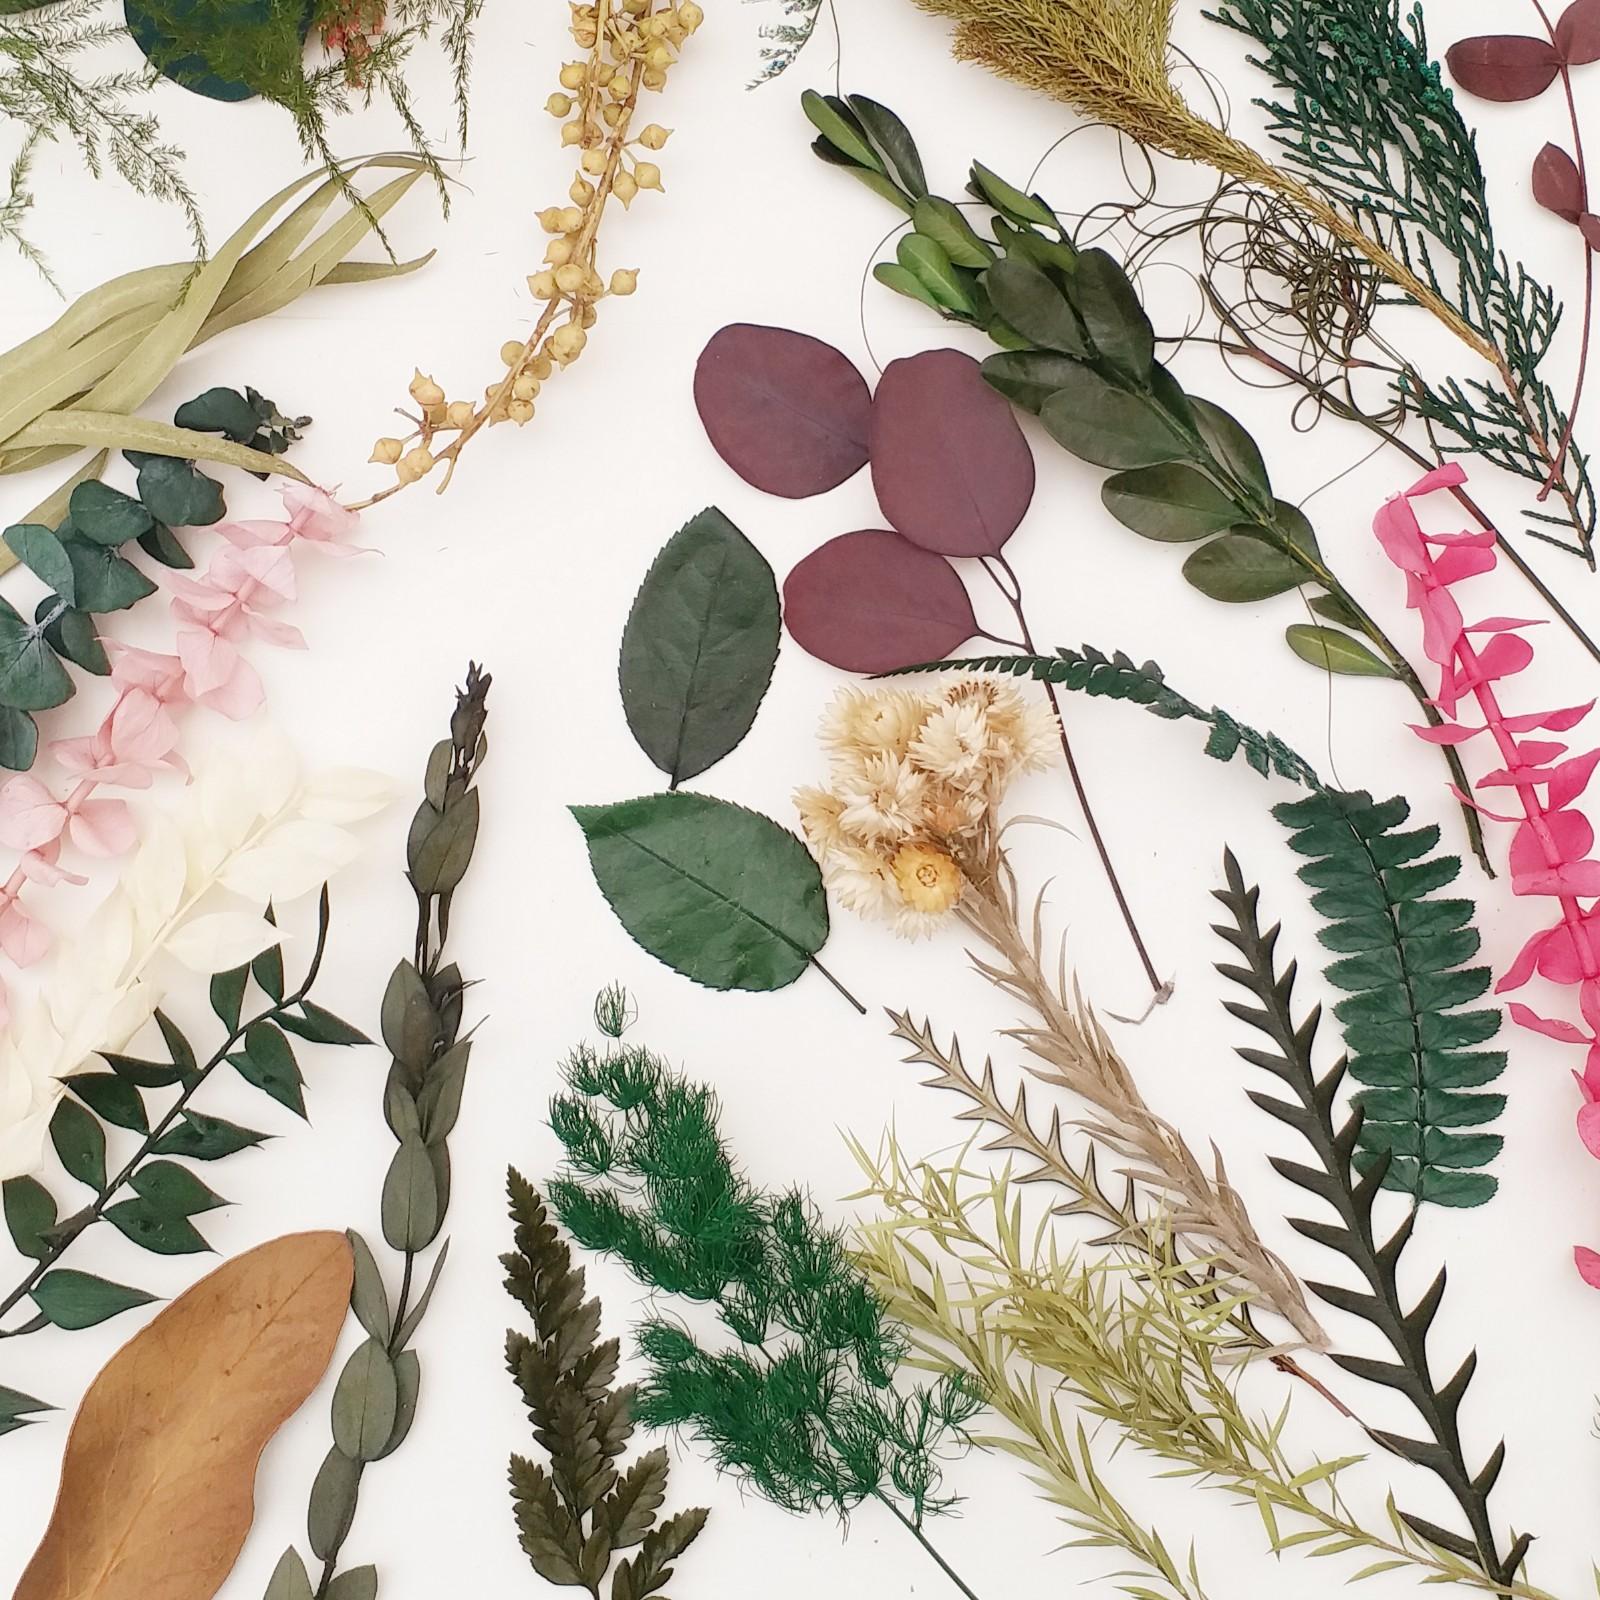 植物合集永生花尤加利羊齿玫瑰叶情人草匙叶草石松手工diy材料